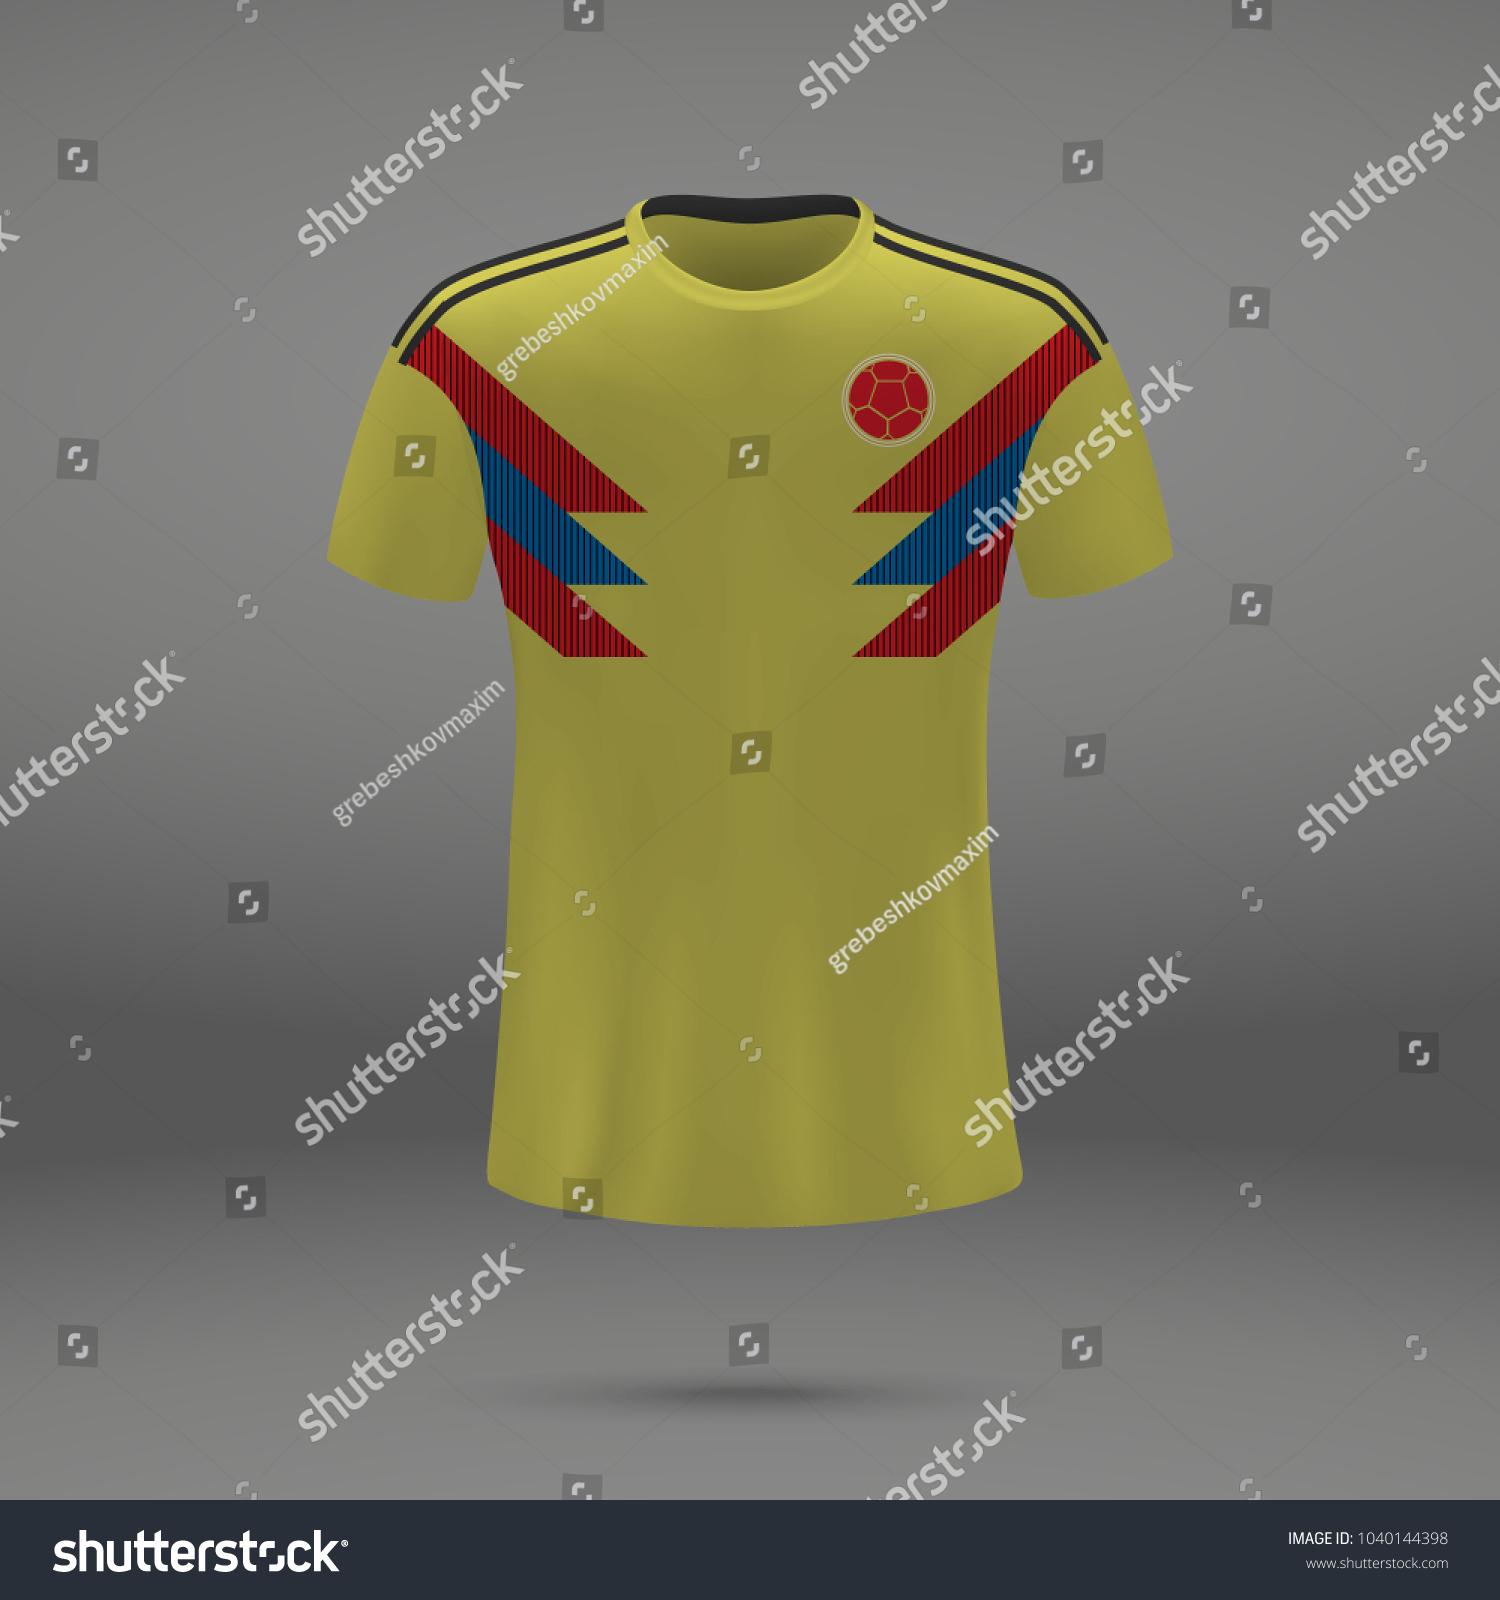 Football Kit Colombia 2018 Shirt Template Vector de stock (libre de ...